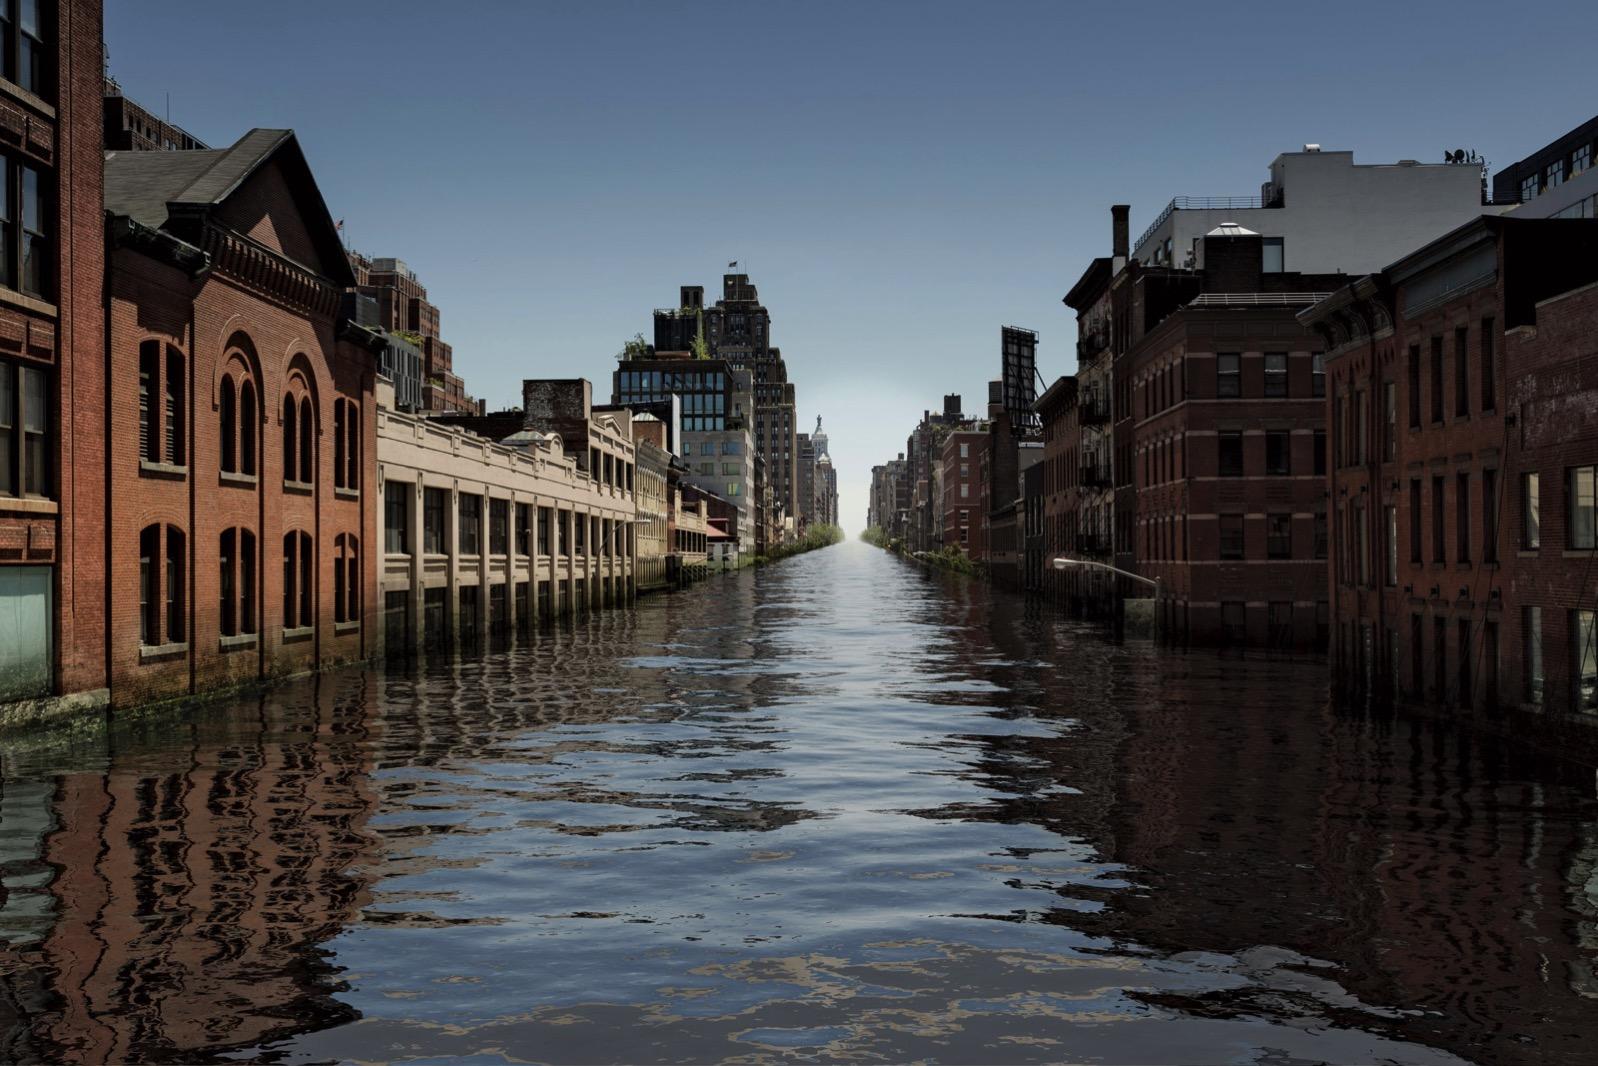 06 flood lede 1 nocrop w1600 h2147483647